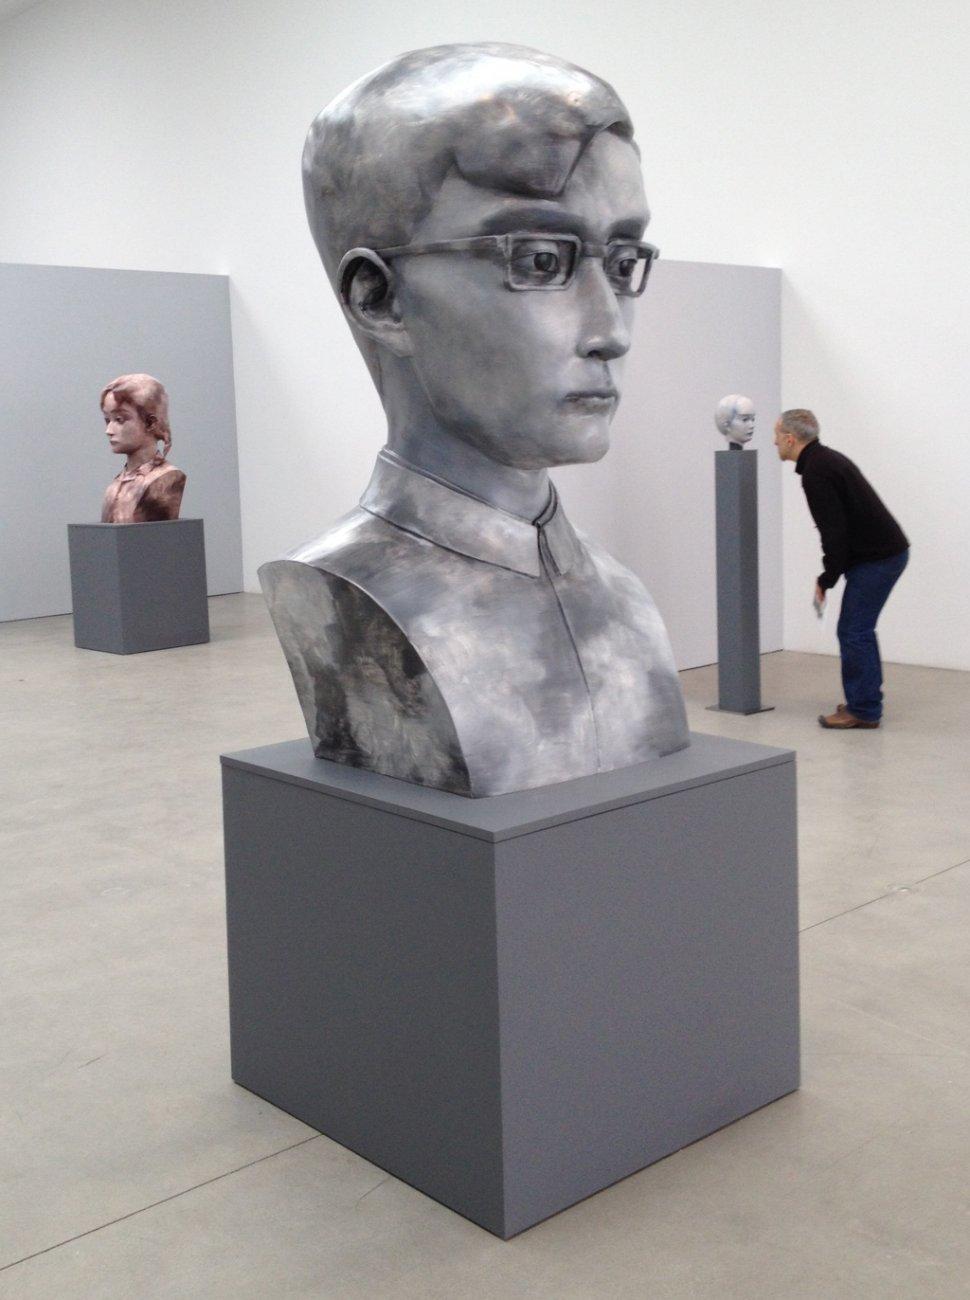 Zhang Xiaogangoriginal.JPG